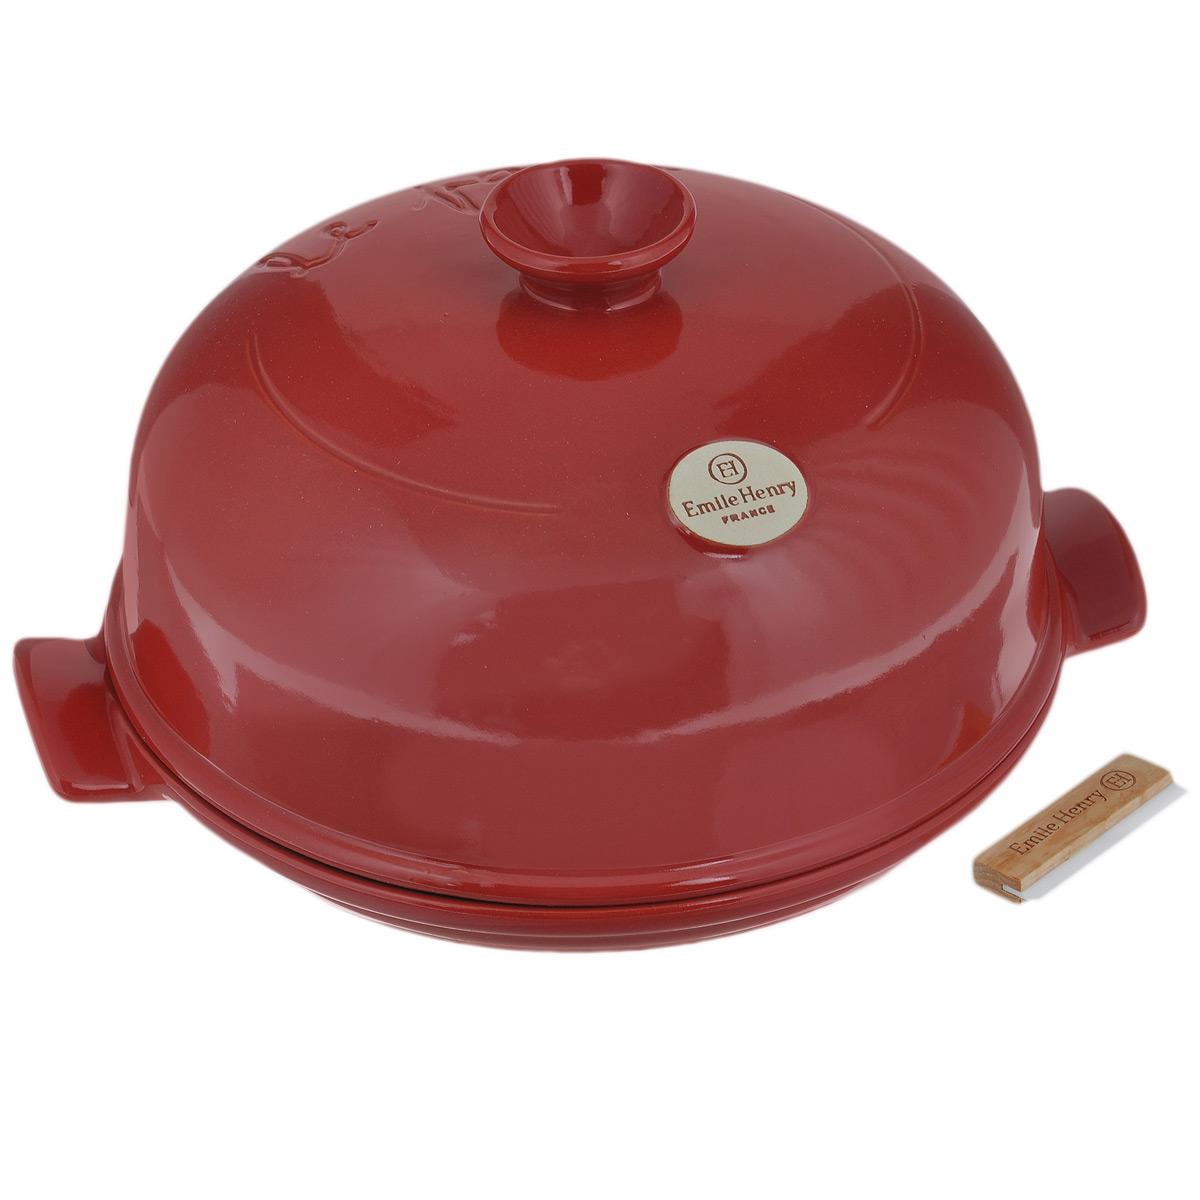 Набор для выпечки хлеба Emile Henry, цвет: гранат, 3 предмета349108Набор для выпечки хлеба Emile Henry состоит из круглой формы с крышкой и поварской лопатки.Форма и крышка выполнены из высококачественной жаропрочной глазурованной керамики, которая выдерживает нагревание до 500°C. Это полностью натуральный материал (без примеси металлов), идеально подходящий для медленного и равномерного приготовления пищи. Керамика гарантирует правильный здоровый подход к кулинарии: любые блюда получаются ароматными и сохраняют все полезные вещества, не подвергаясь перепадам температур в процессе приготовления. Благодаря медленному распределению тепла, вкусы и запахи продуктов концентрируются и становятся более насыщенными. Керамическая посуда обладает свойством долго сохранять тепло после того, как блюдо было снято с огня, и легко удерживать холод после того, как блюдо достали из холодильника. Куполообразная крышка является аналогом свода печи и позволяет поддерживать постоянную влажность в процессе приготовления, поэтому хлеб всегда получается пышным, мягким и с хрустящей корочкой. А благодаря ребристой поверхности основания, хлеб не прилипает и легко извлекается из формы. С формой для выпечки хлеба от Emile Henry приготовление настоящего домашнего хлеба просто как раз-два-три! В комплект также входит поварская лопатка - керамическое лезвие с деревянной ручкой, предназначено для надрезания хлеба. Форму можно помещать в духовку и микроволновую печь. Не помещать на прямые источники тепла, такие как плиты. Можно мыть в посудомоечной машине. Диаметр формы: 28 см. Высота (с крышкой): 16,5 см. Длина лопатки: 7 см.